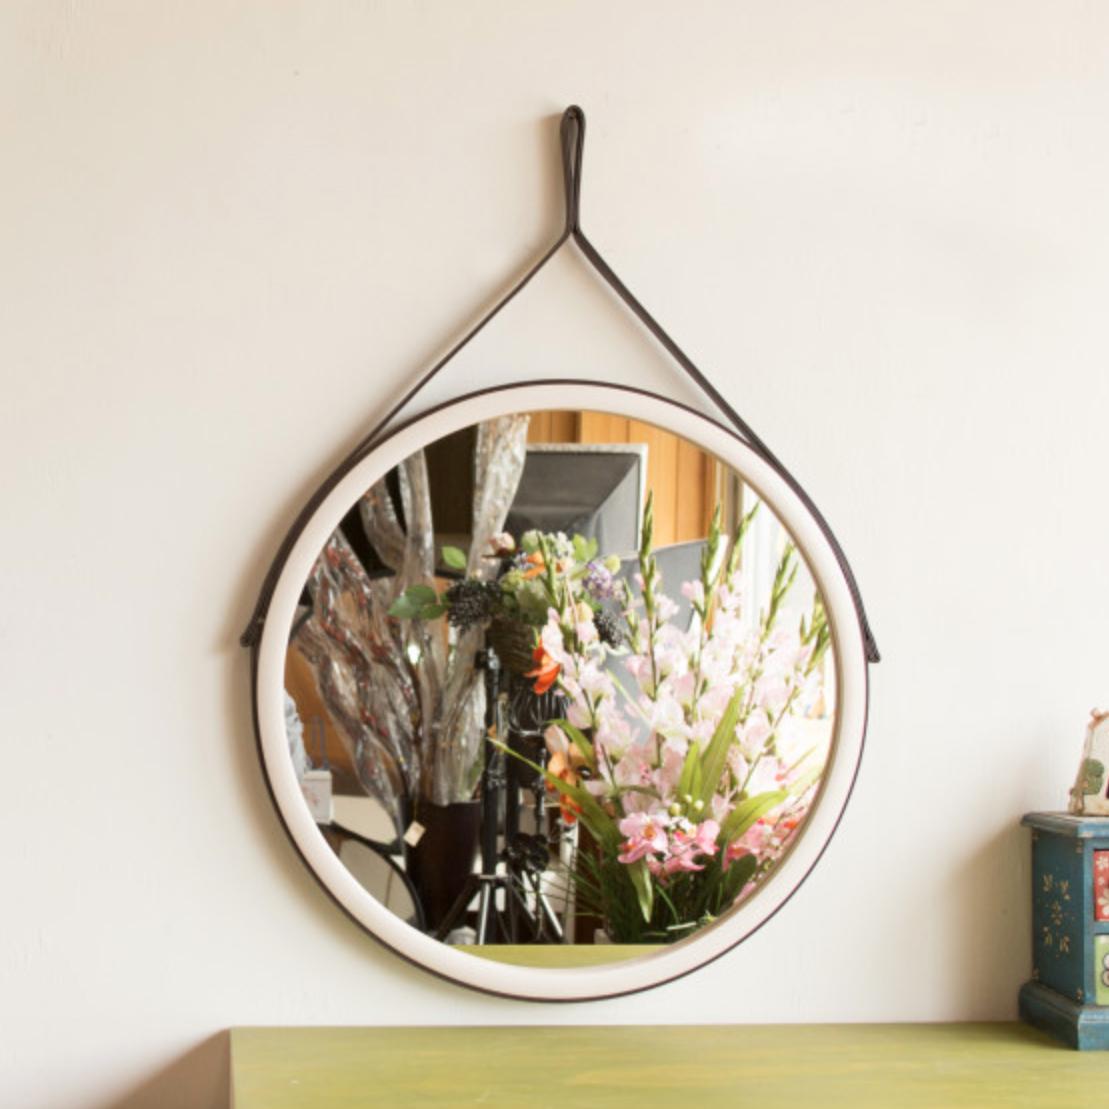 서운아트 스트랩 원목 원형 벽거울 45cm, 화이트